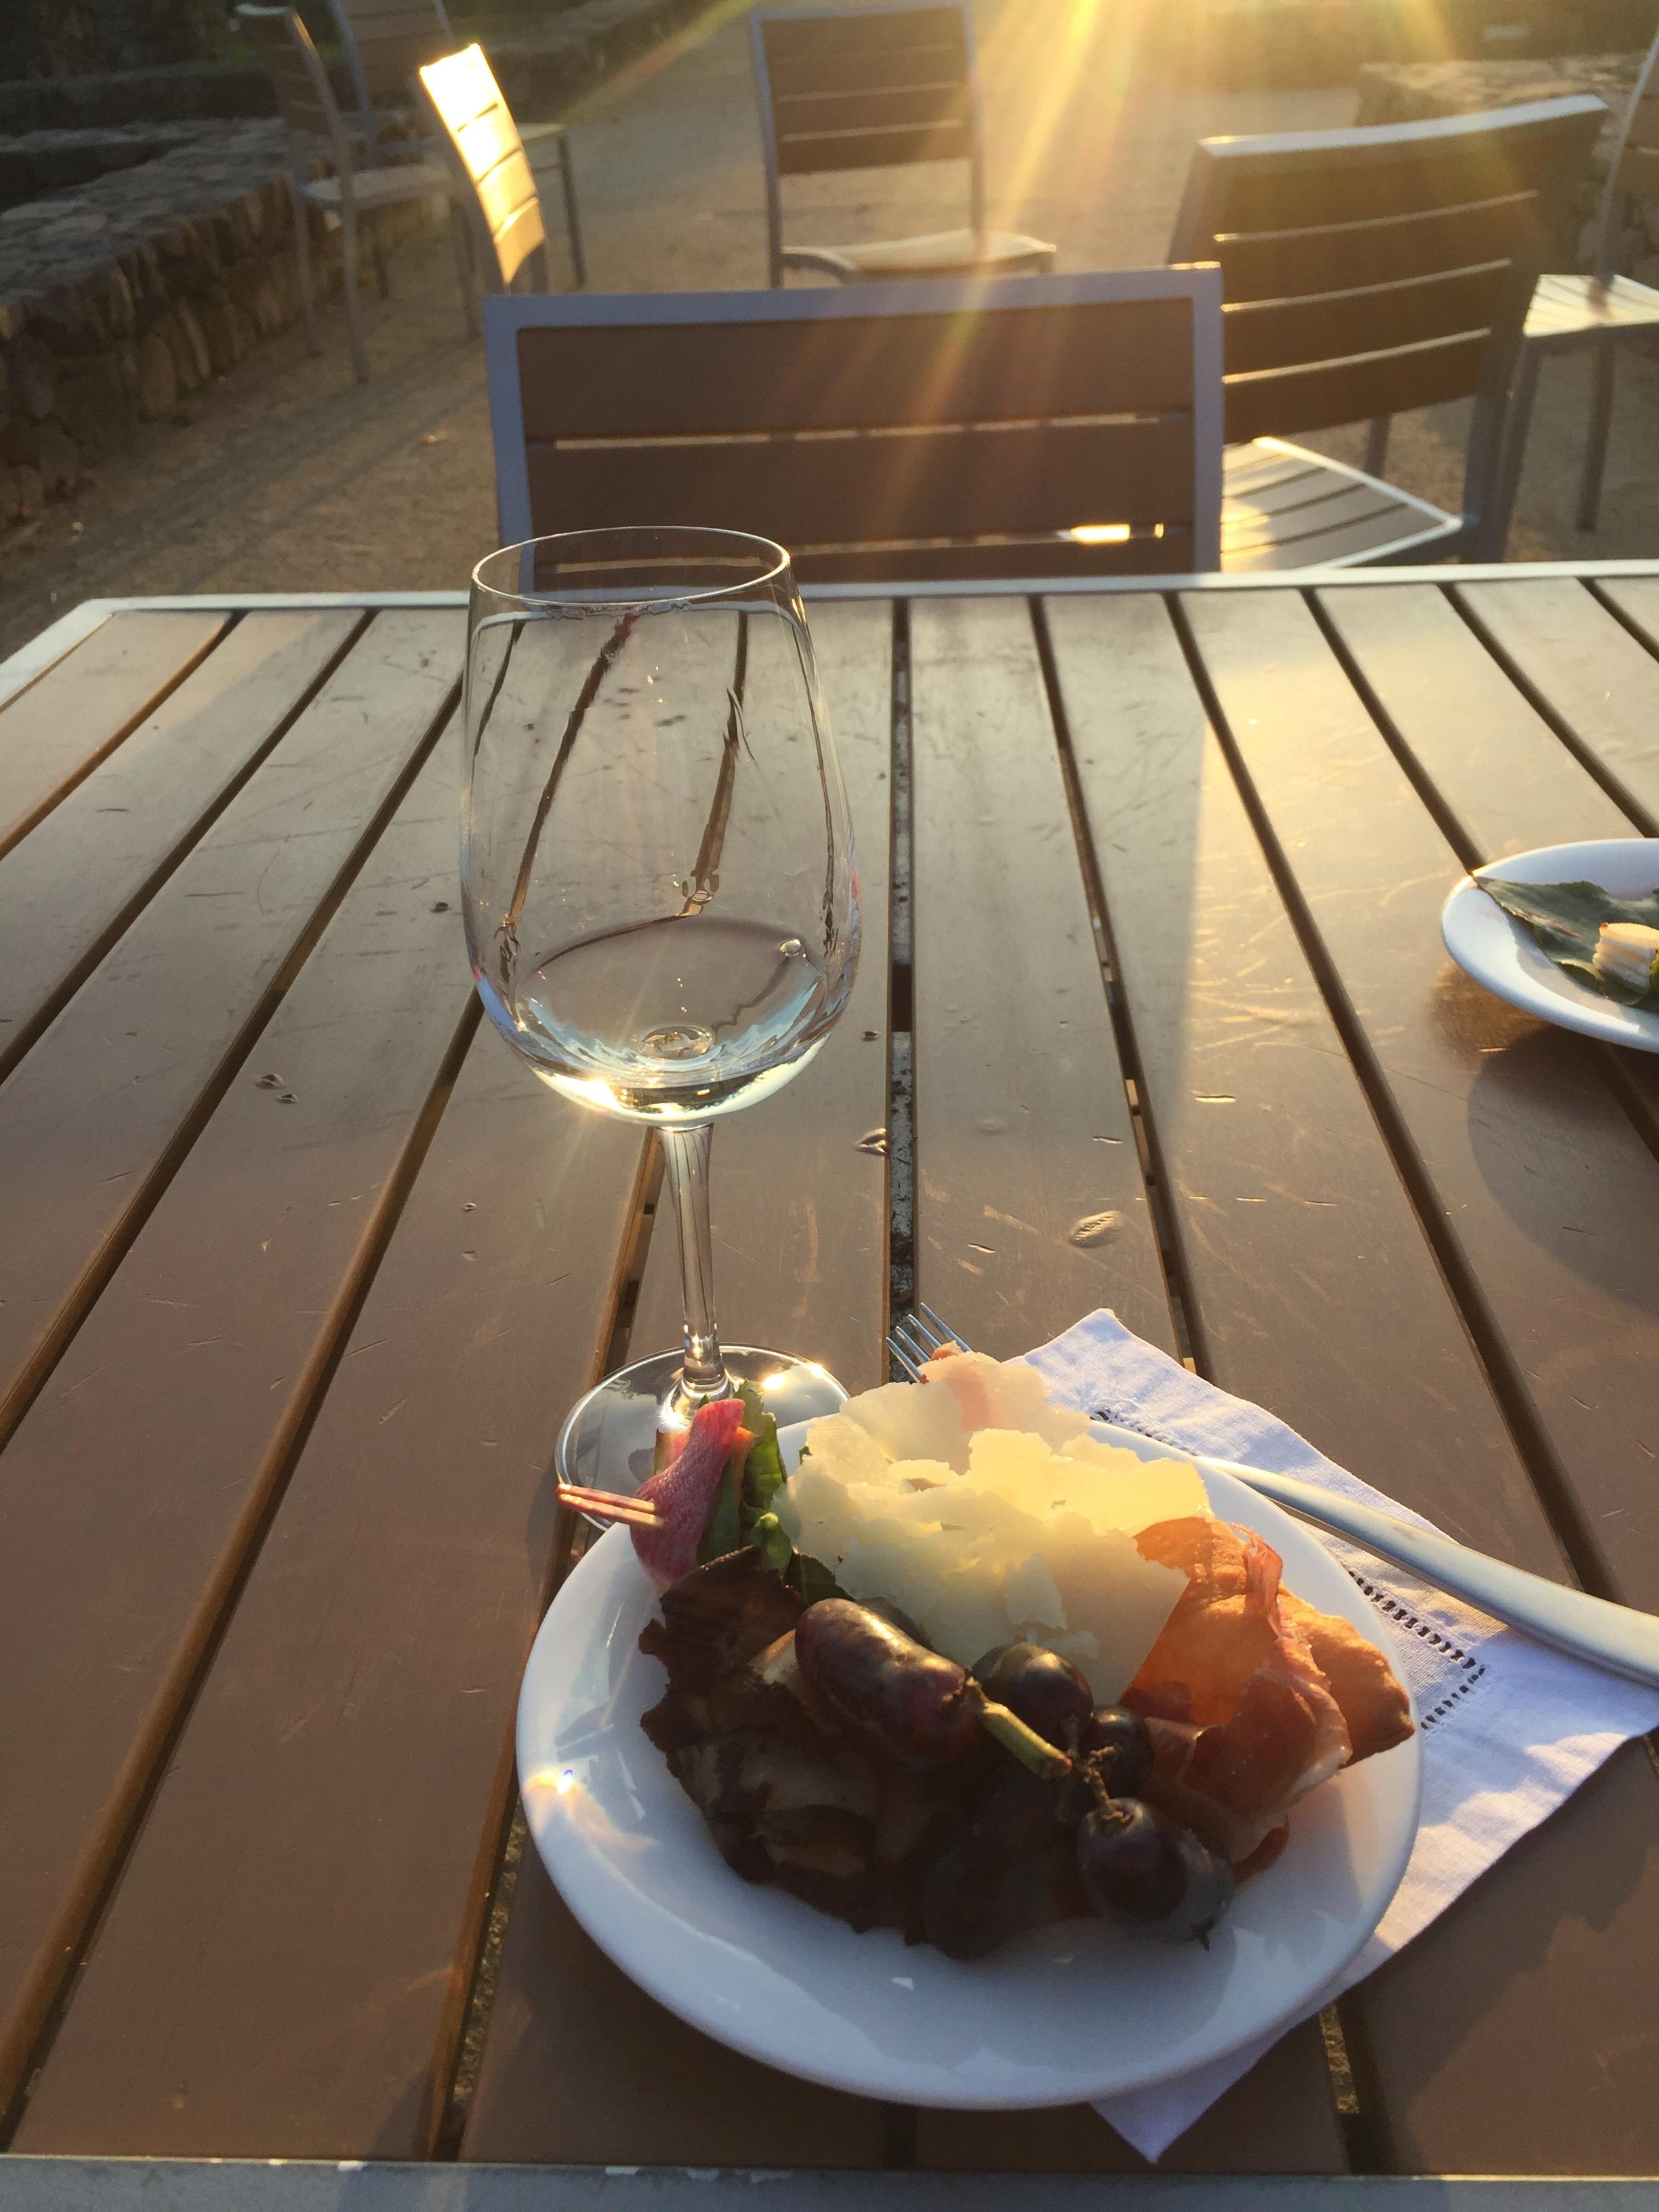 구글 리셉션에서 즐겼던 버섯과 파마산 치즈, 나파밸리 포도와 와인 ⓒ이분영